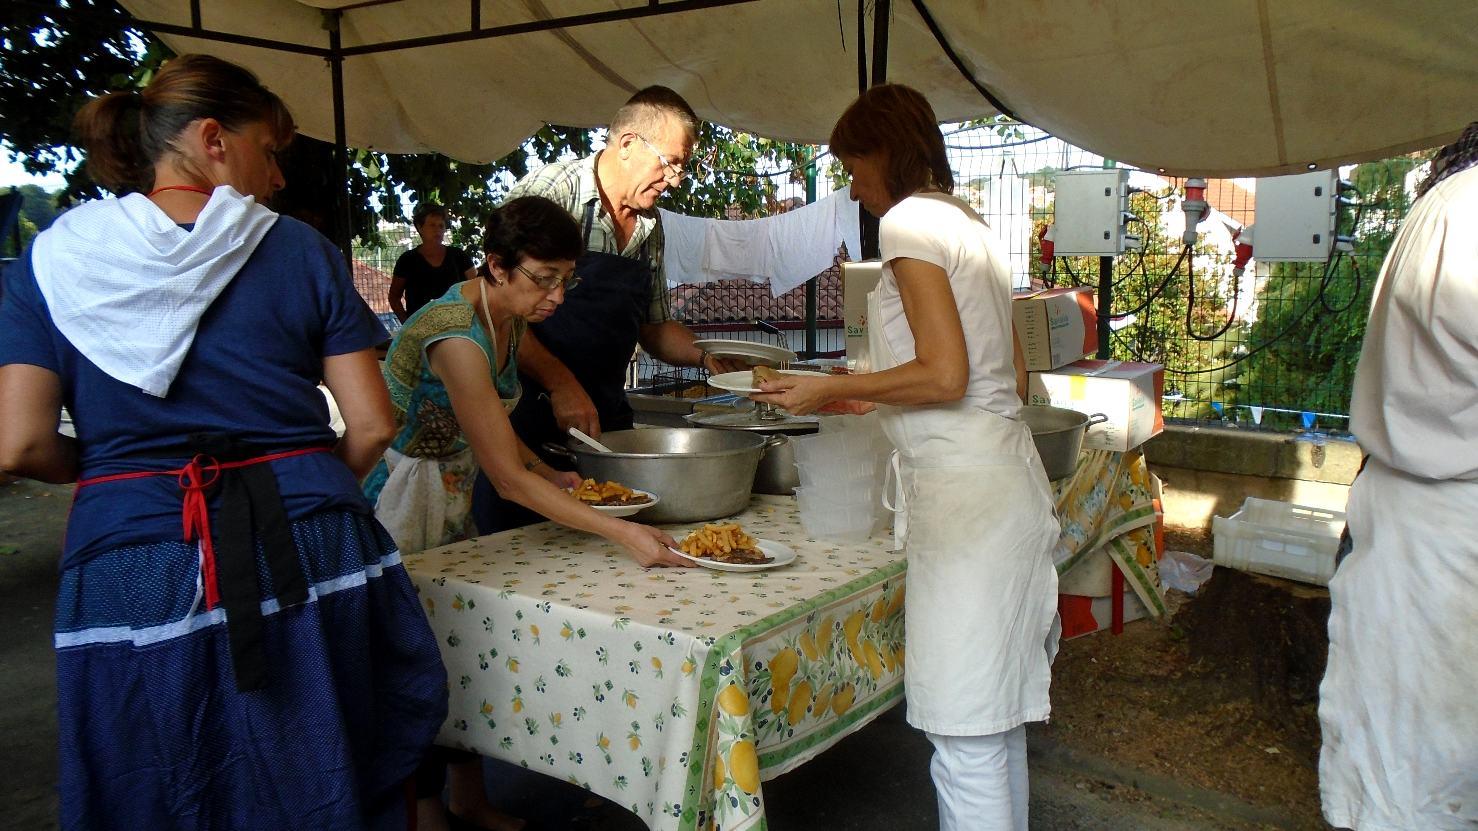 Maman (en bleu) aussi ainsi que papa, quelque part dans la foule tandis que les cuisiniers fournissent !